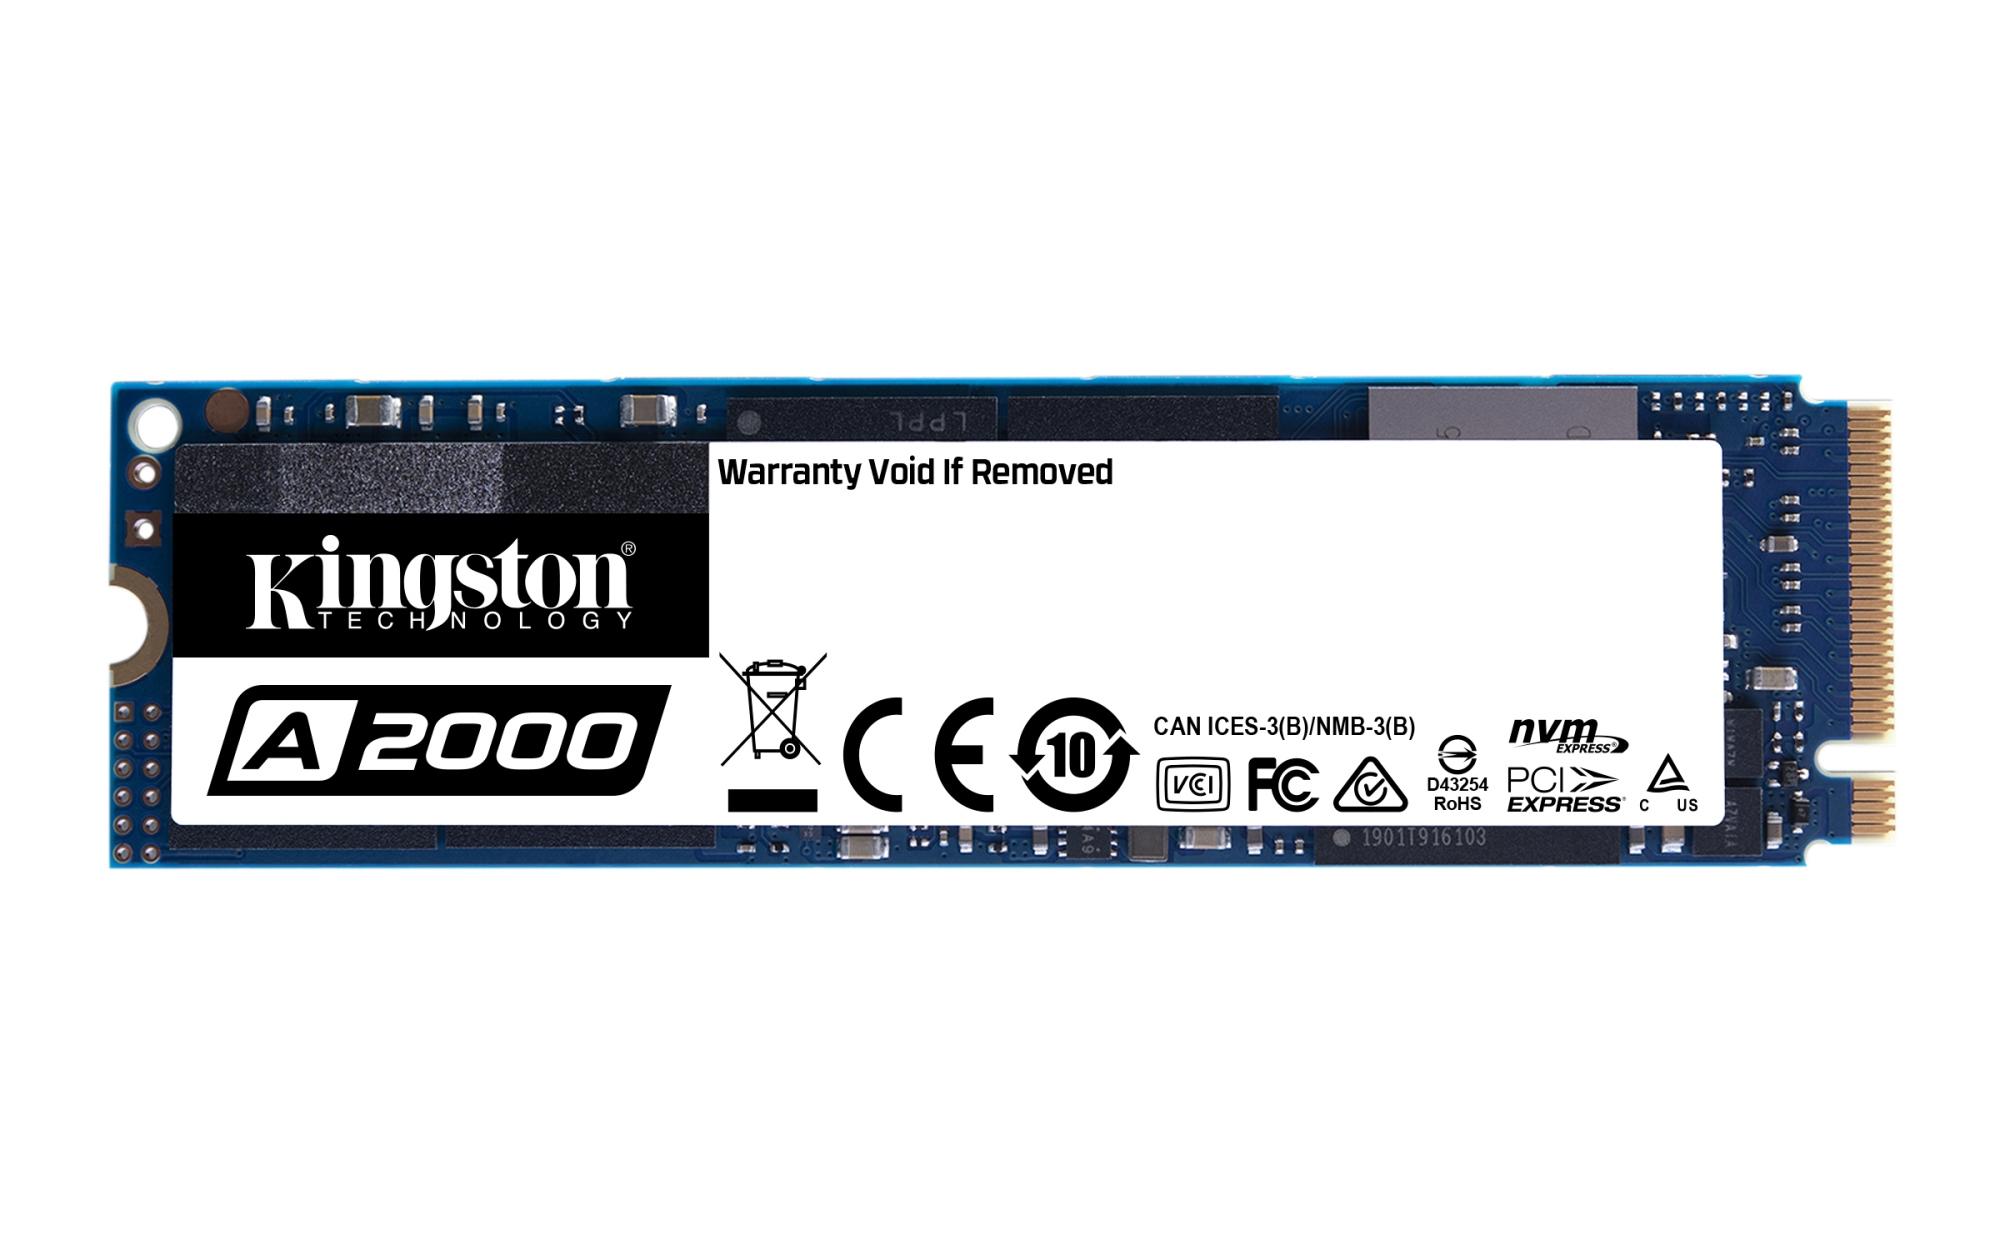 A2000 UNIDAD DE ESTADO SóLIDO M.2 1000 GB PCI EXPRESS 3.0 NVME